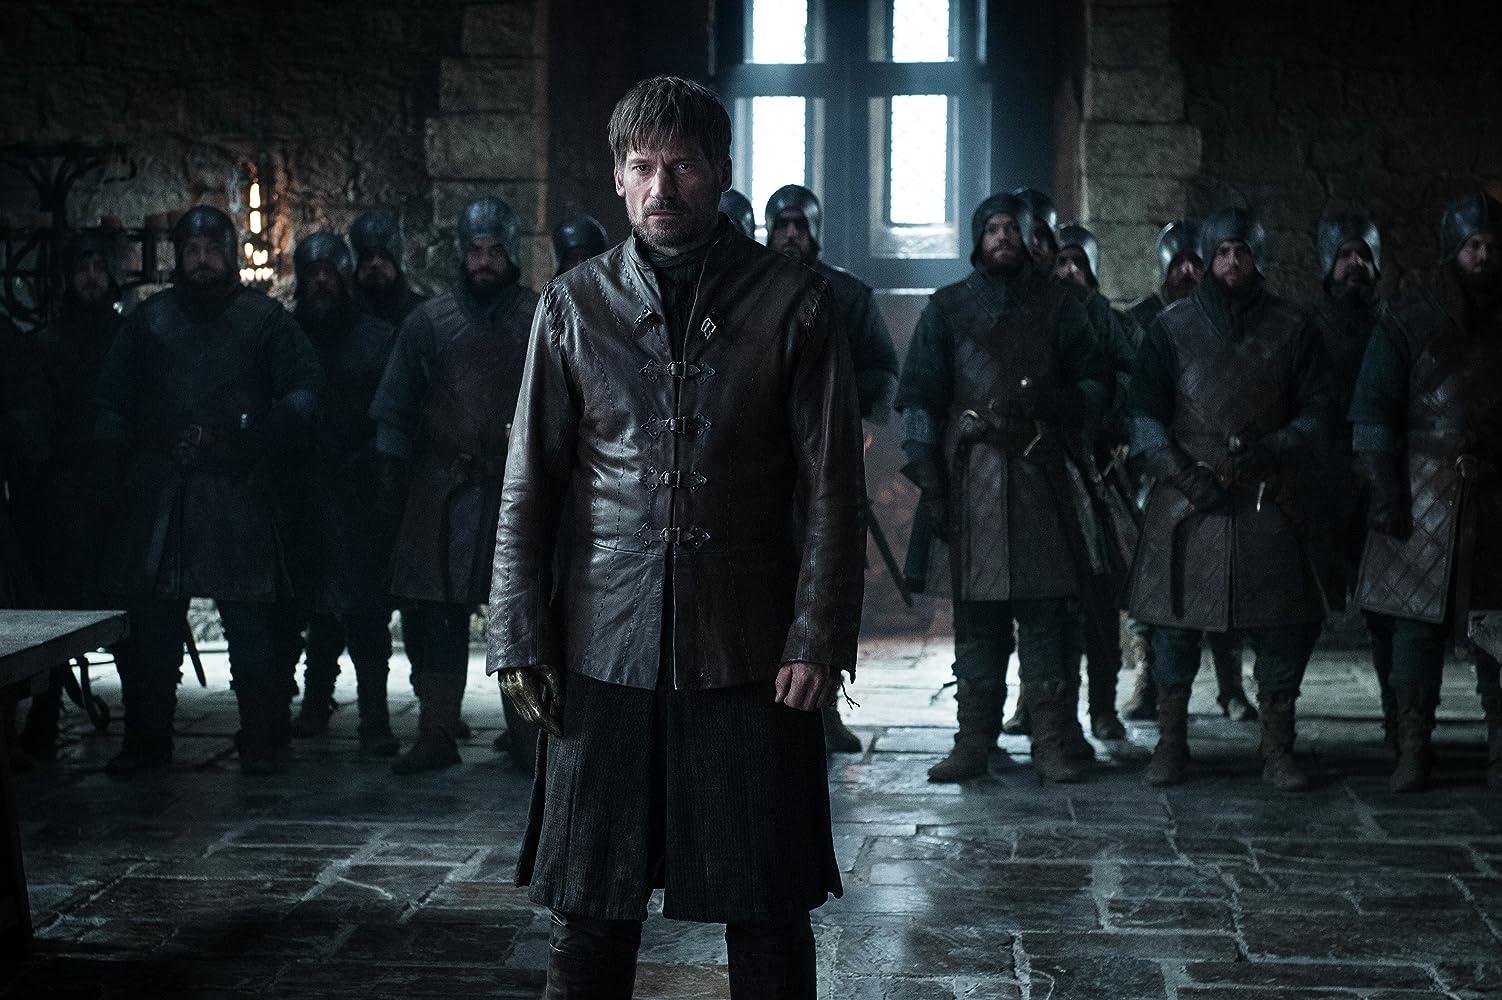 Nikolaj Coster-Waldau in Game of Thrones (2011)